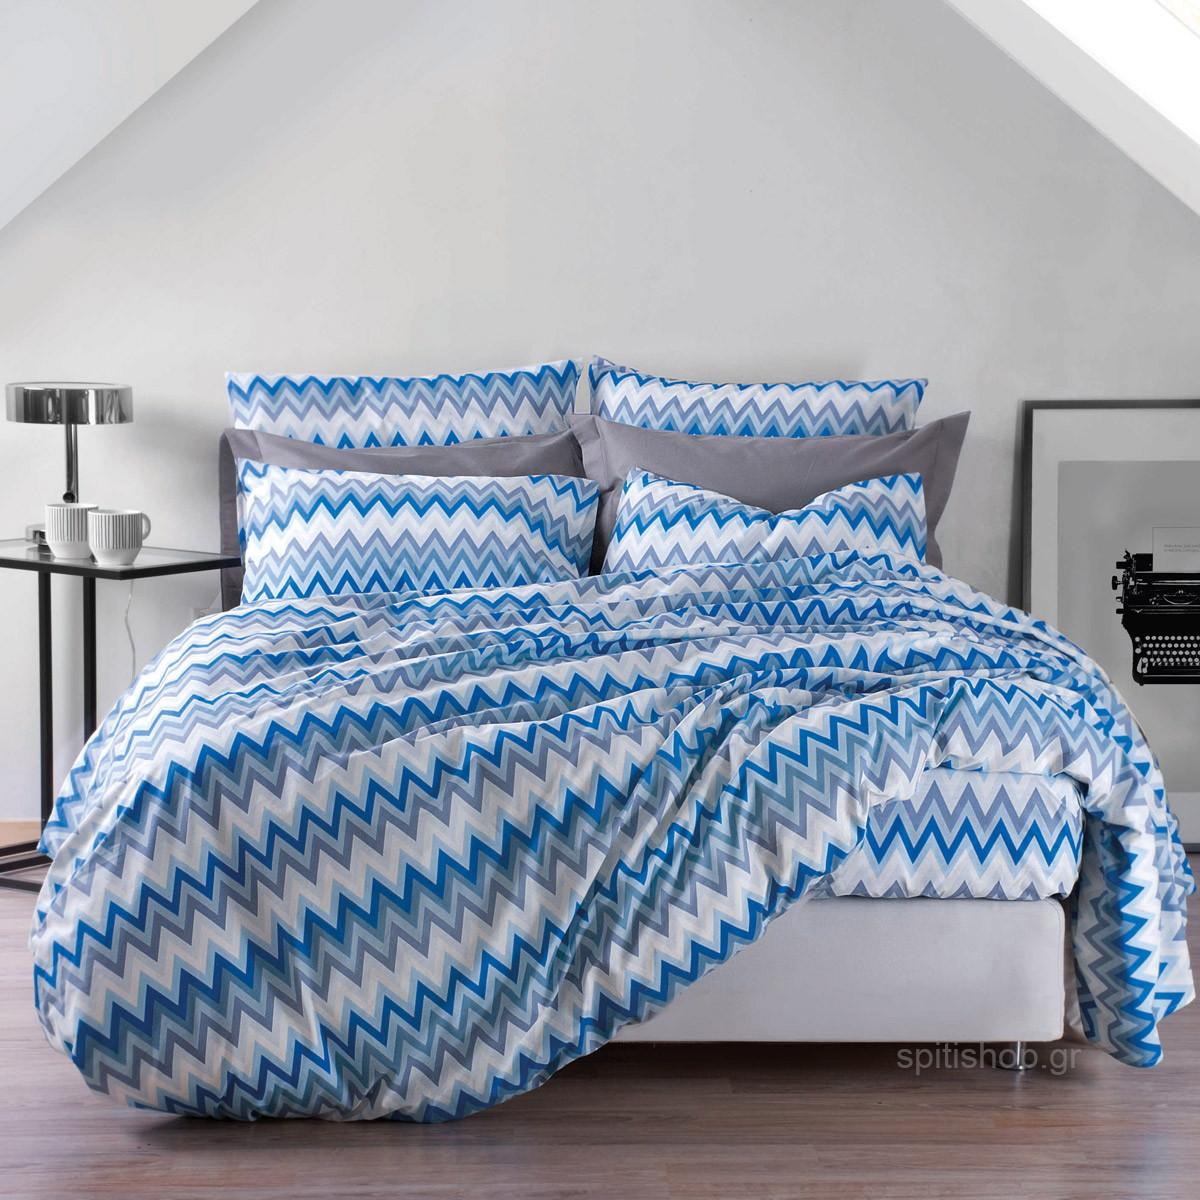 Σεντόνια Υπέρδιπλα (Σετ) Makis Tselios Zic Zac home   κρεβατοκάμαρα   σεντόνια   σεντόνια υπέρδιπλα